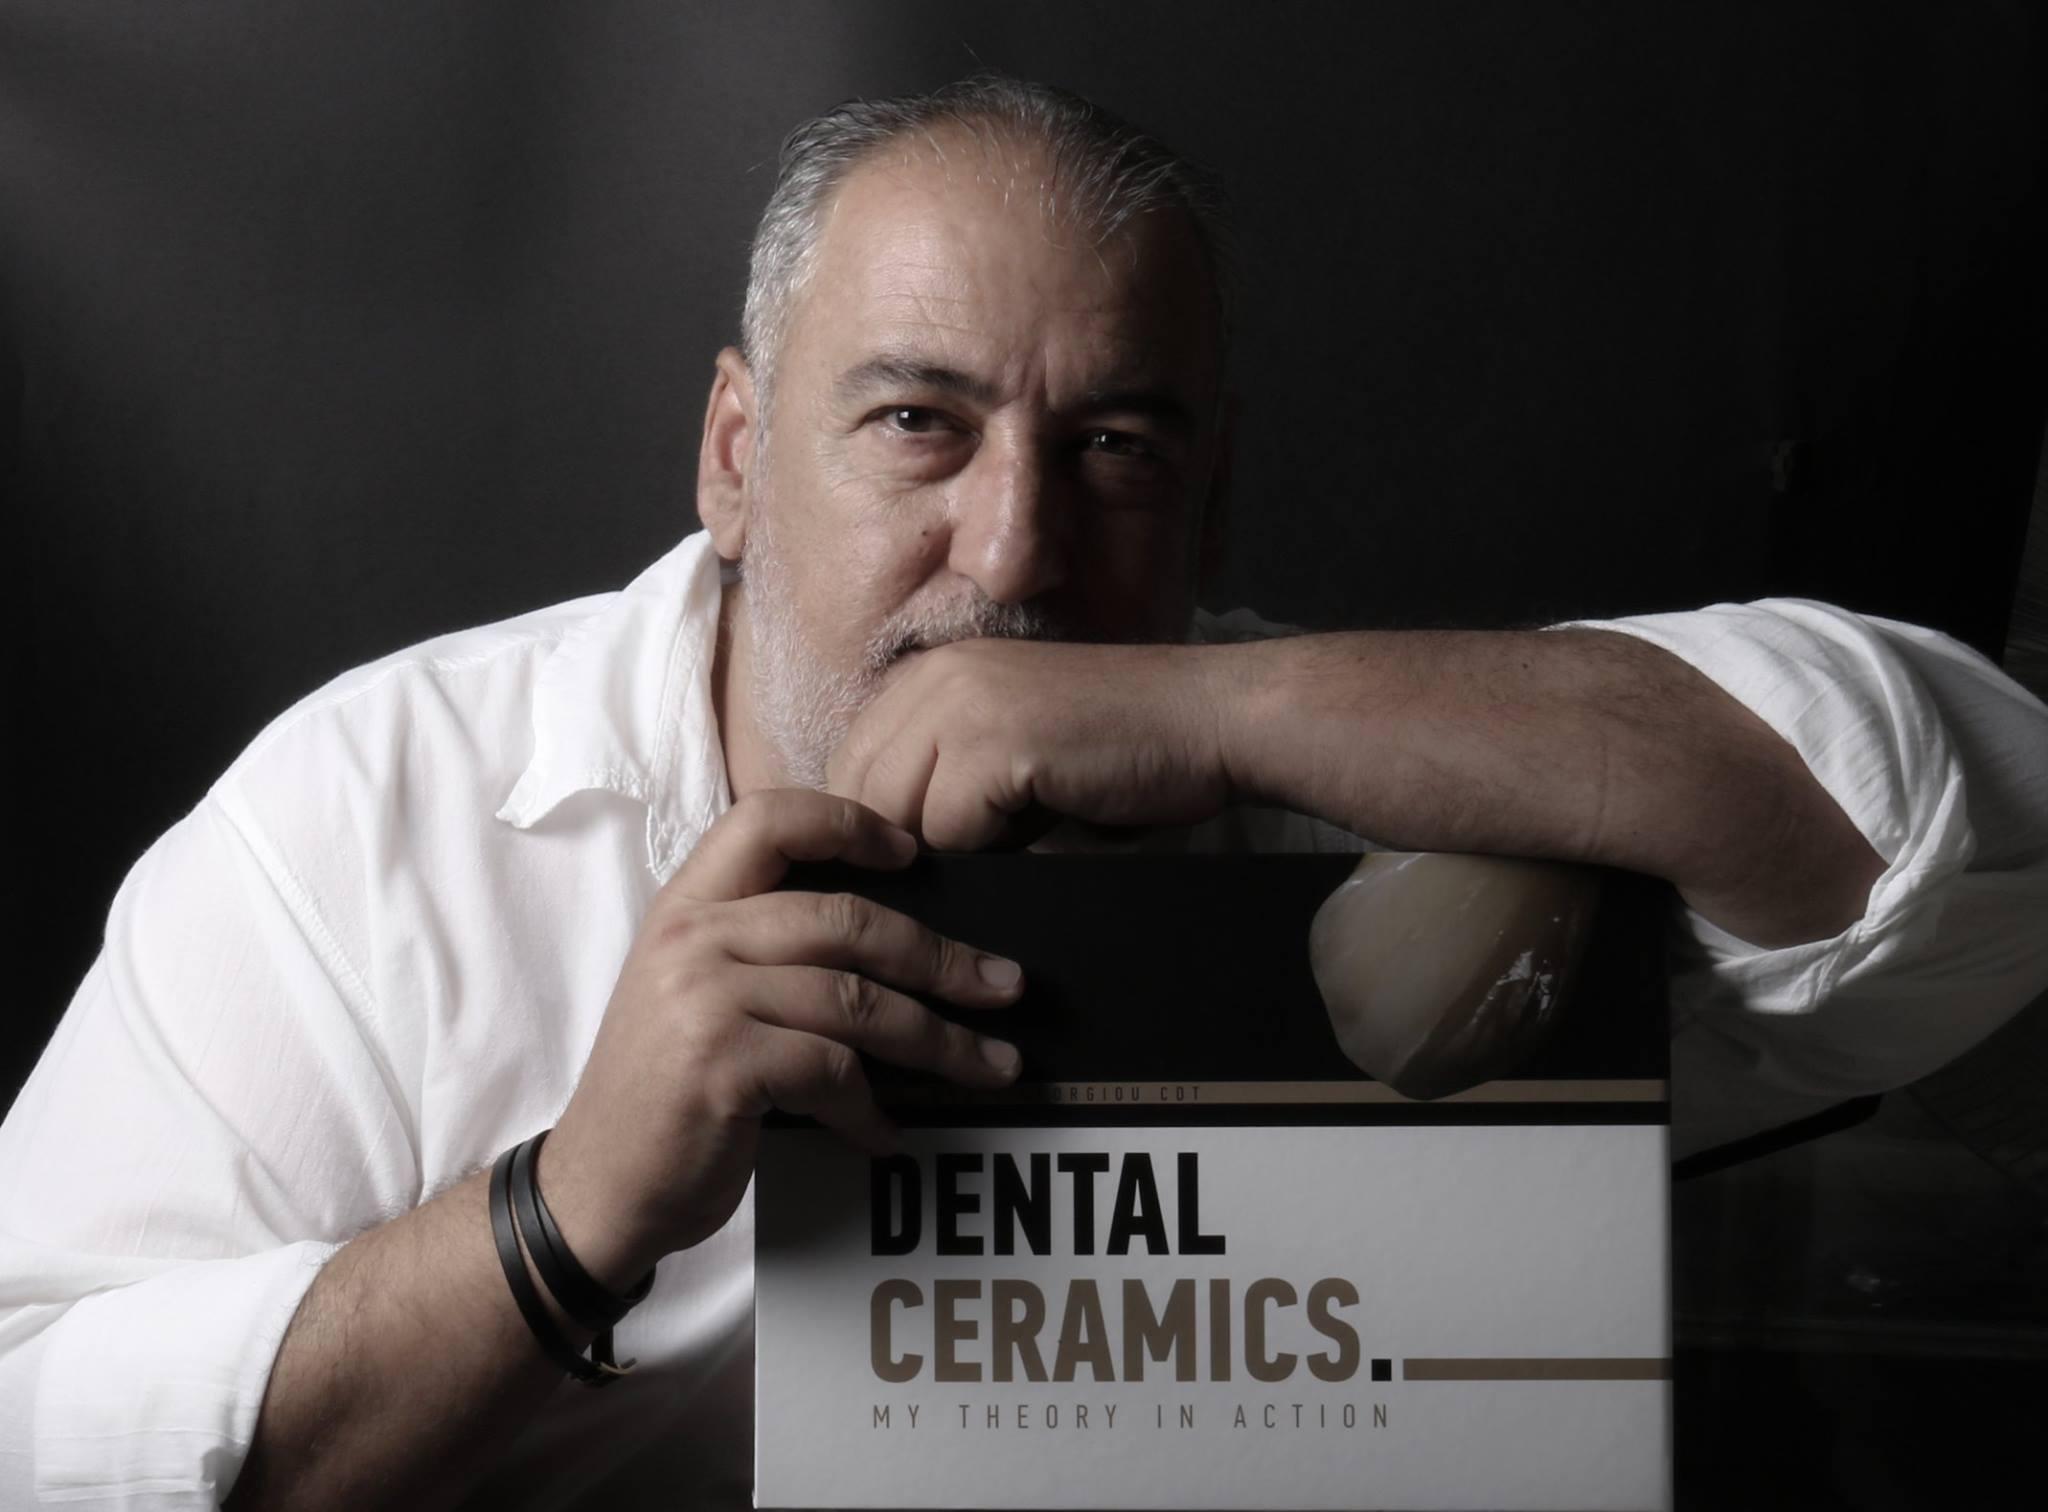 Dental Ceramics: An Interview With Spiros Chatzigeorgiou CDT